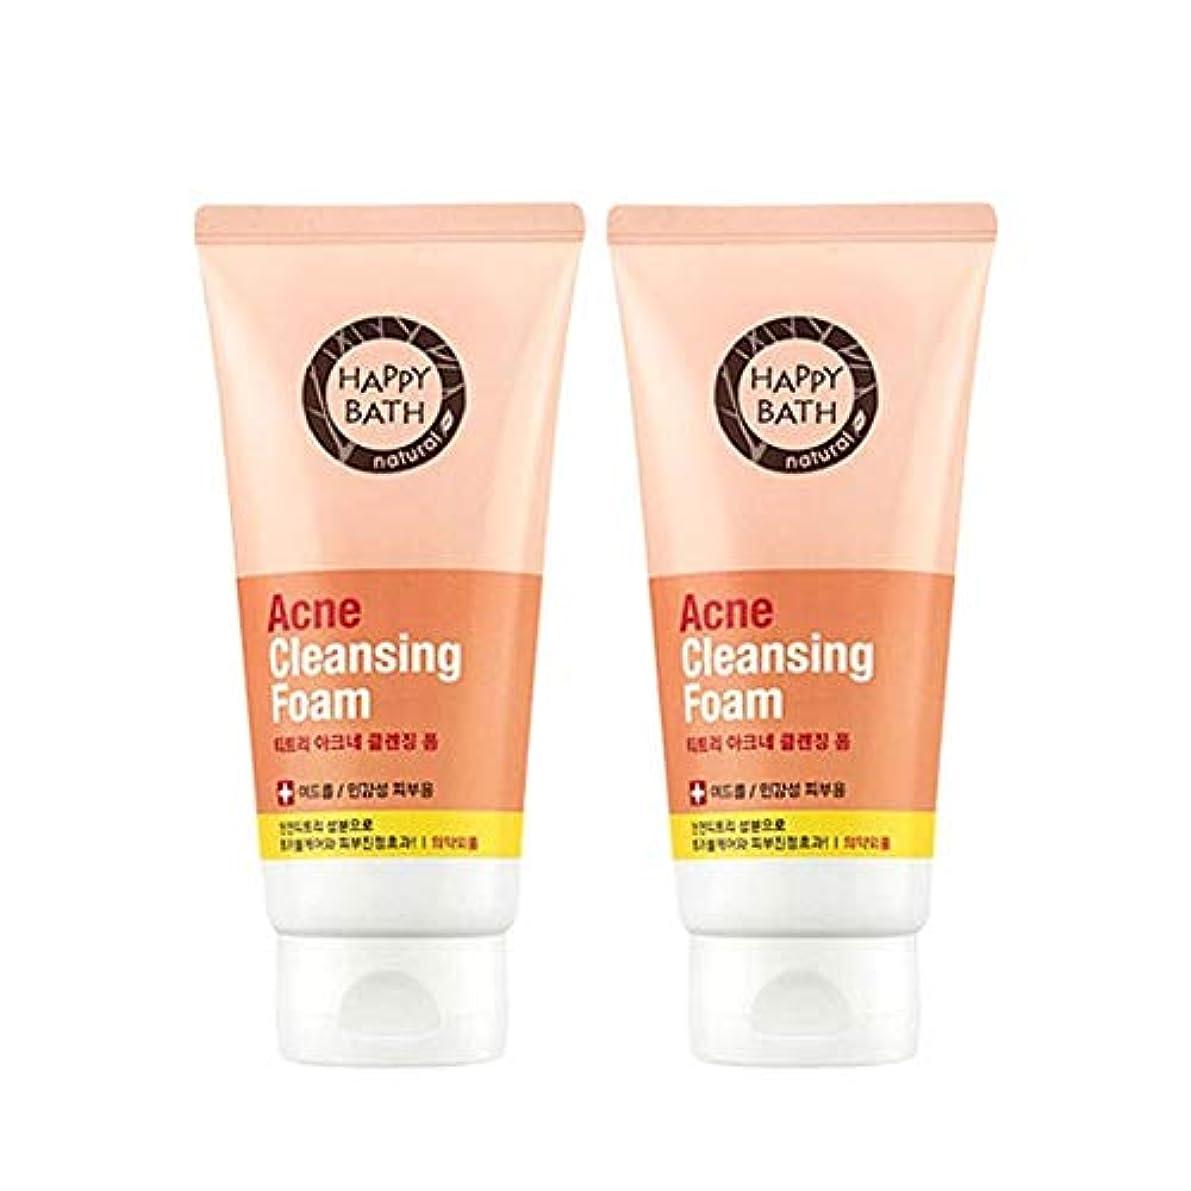 キャストレンダリングキロメートルハッピーバスティーツリーアクネクレンジングフォーム175gx2本セット韓国コスメ、Happy Bath Acne Cleansing Foam 175g x 2ea Set Korean Cosmetics [並行輸入品]